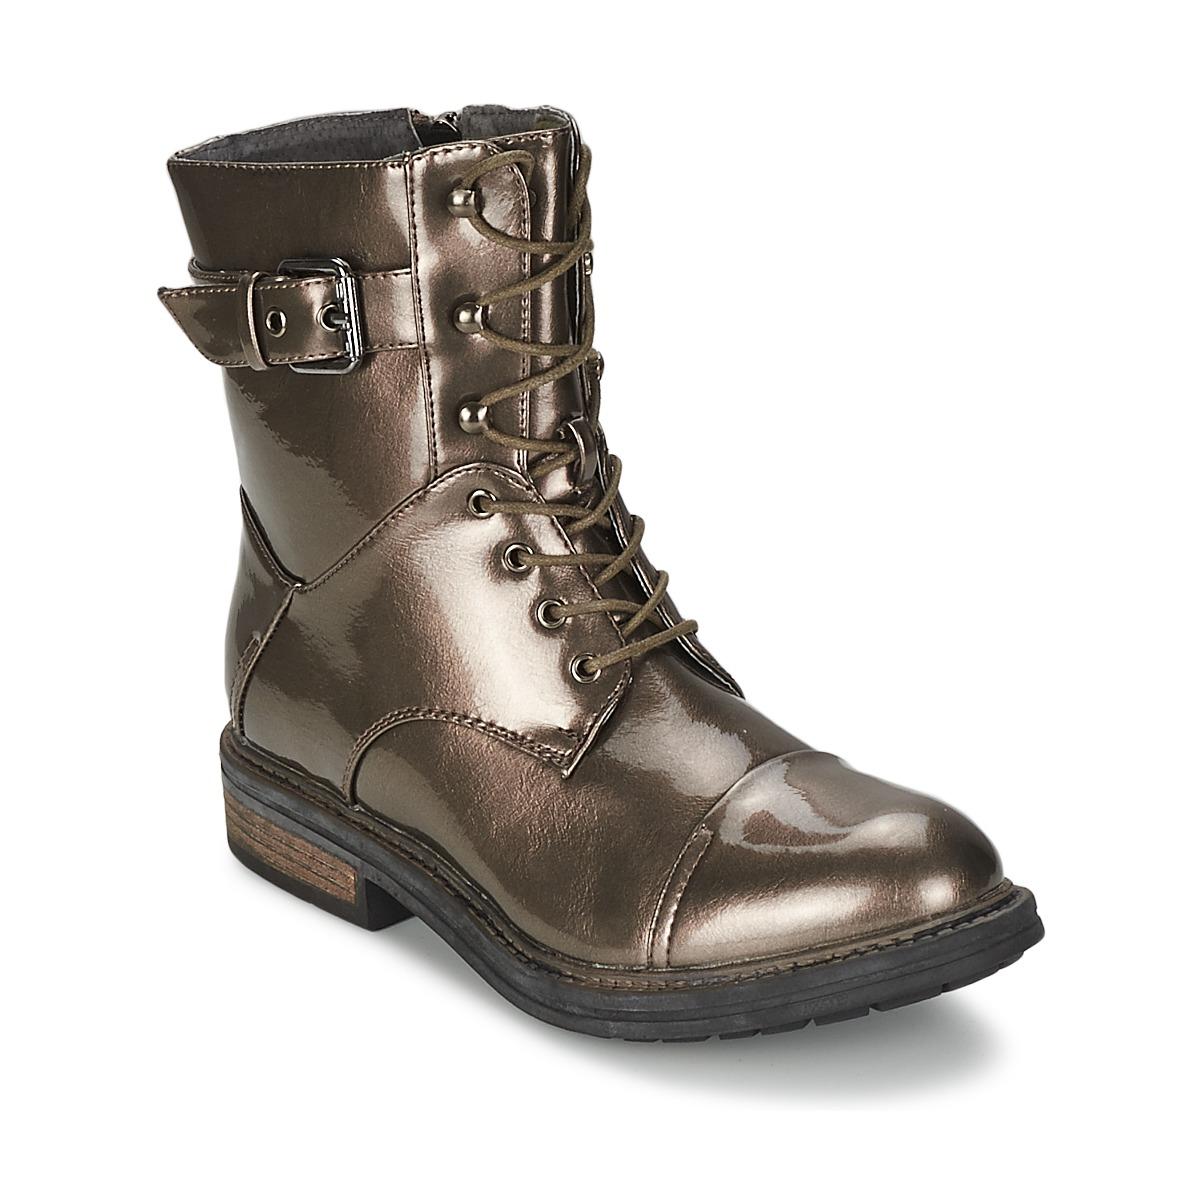 les p 39 tites bombes stone argent livraison gratuite avec chaussures boots femme. Black Bedroom Furniture Sets. Home Design Ideas